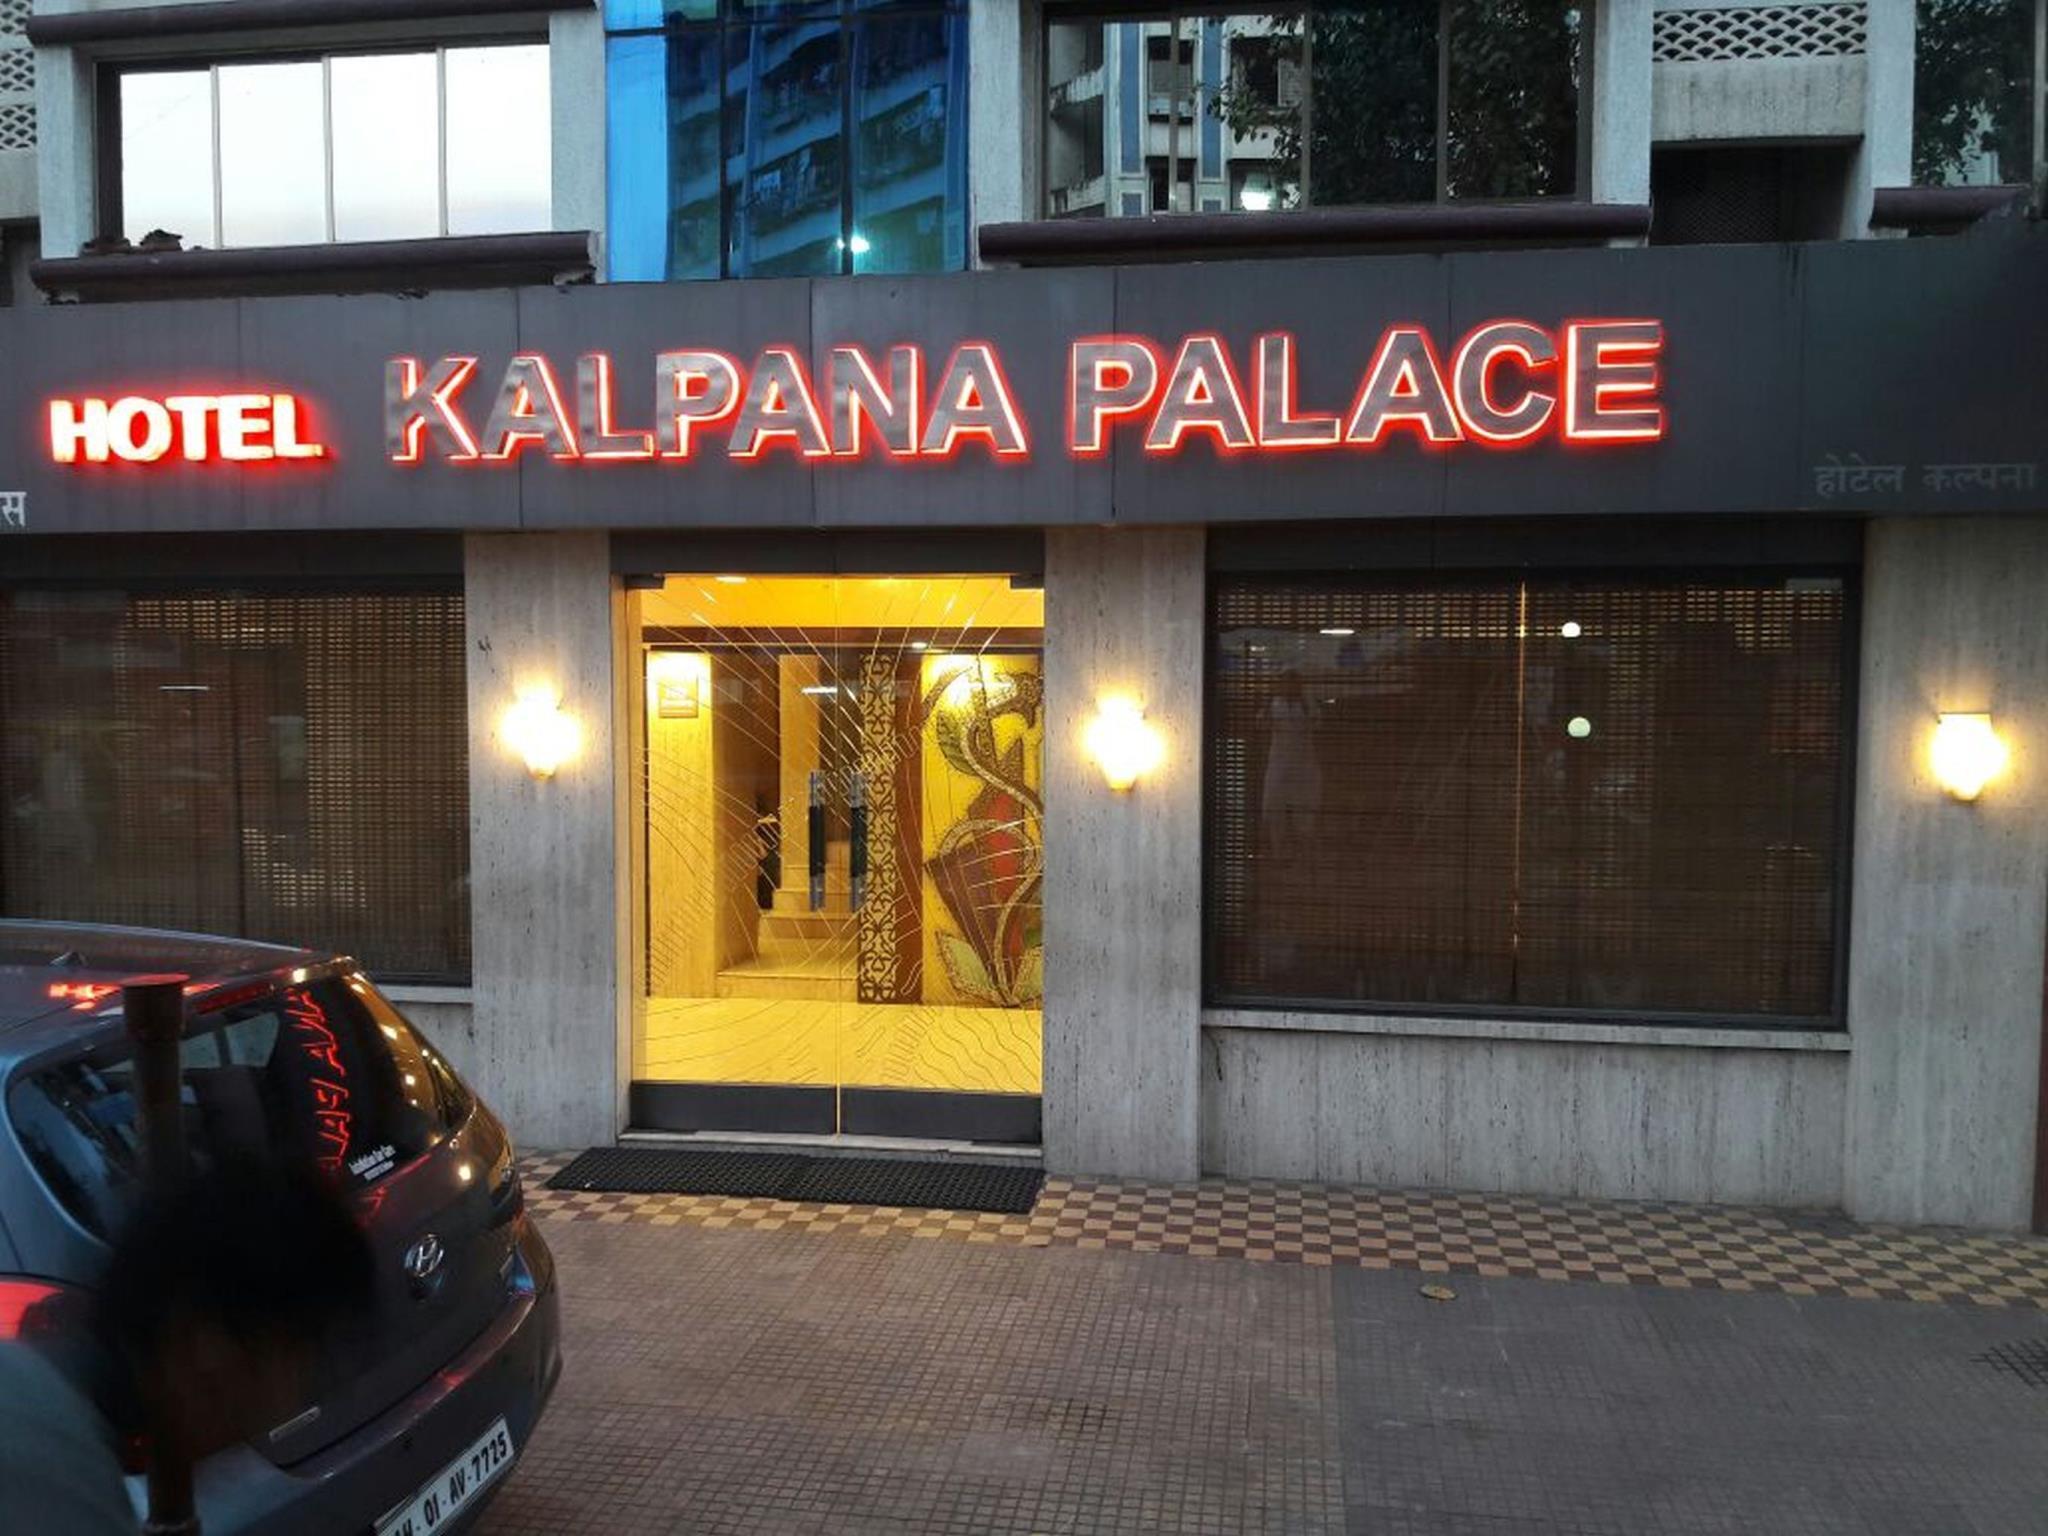 Kalpana Palace